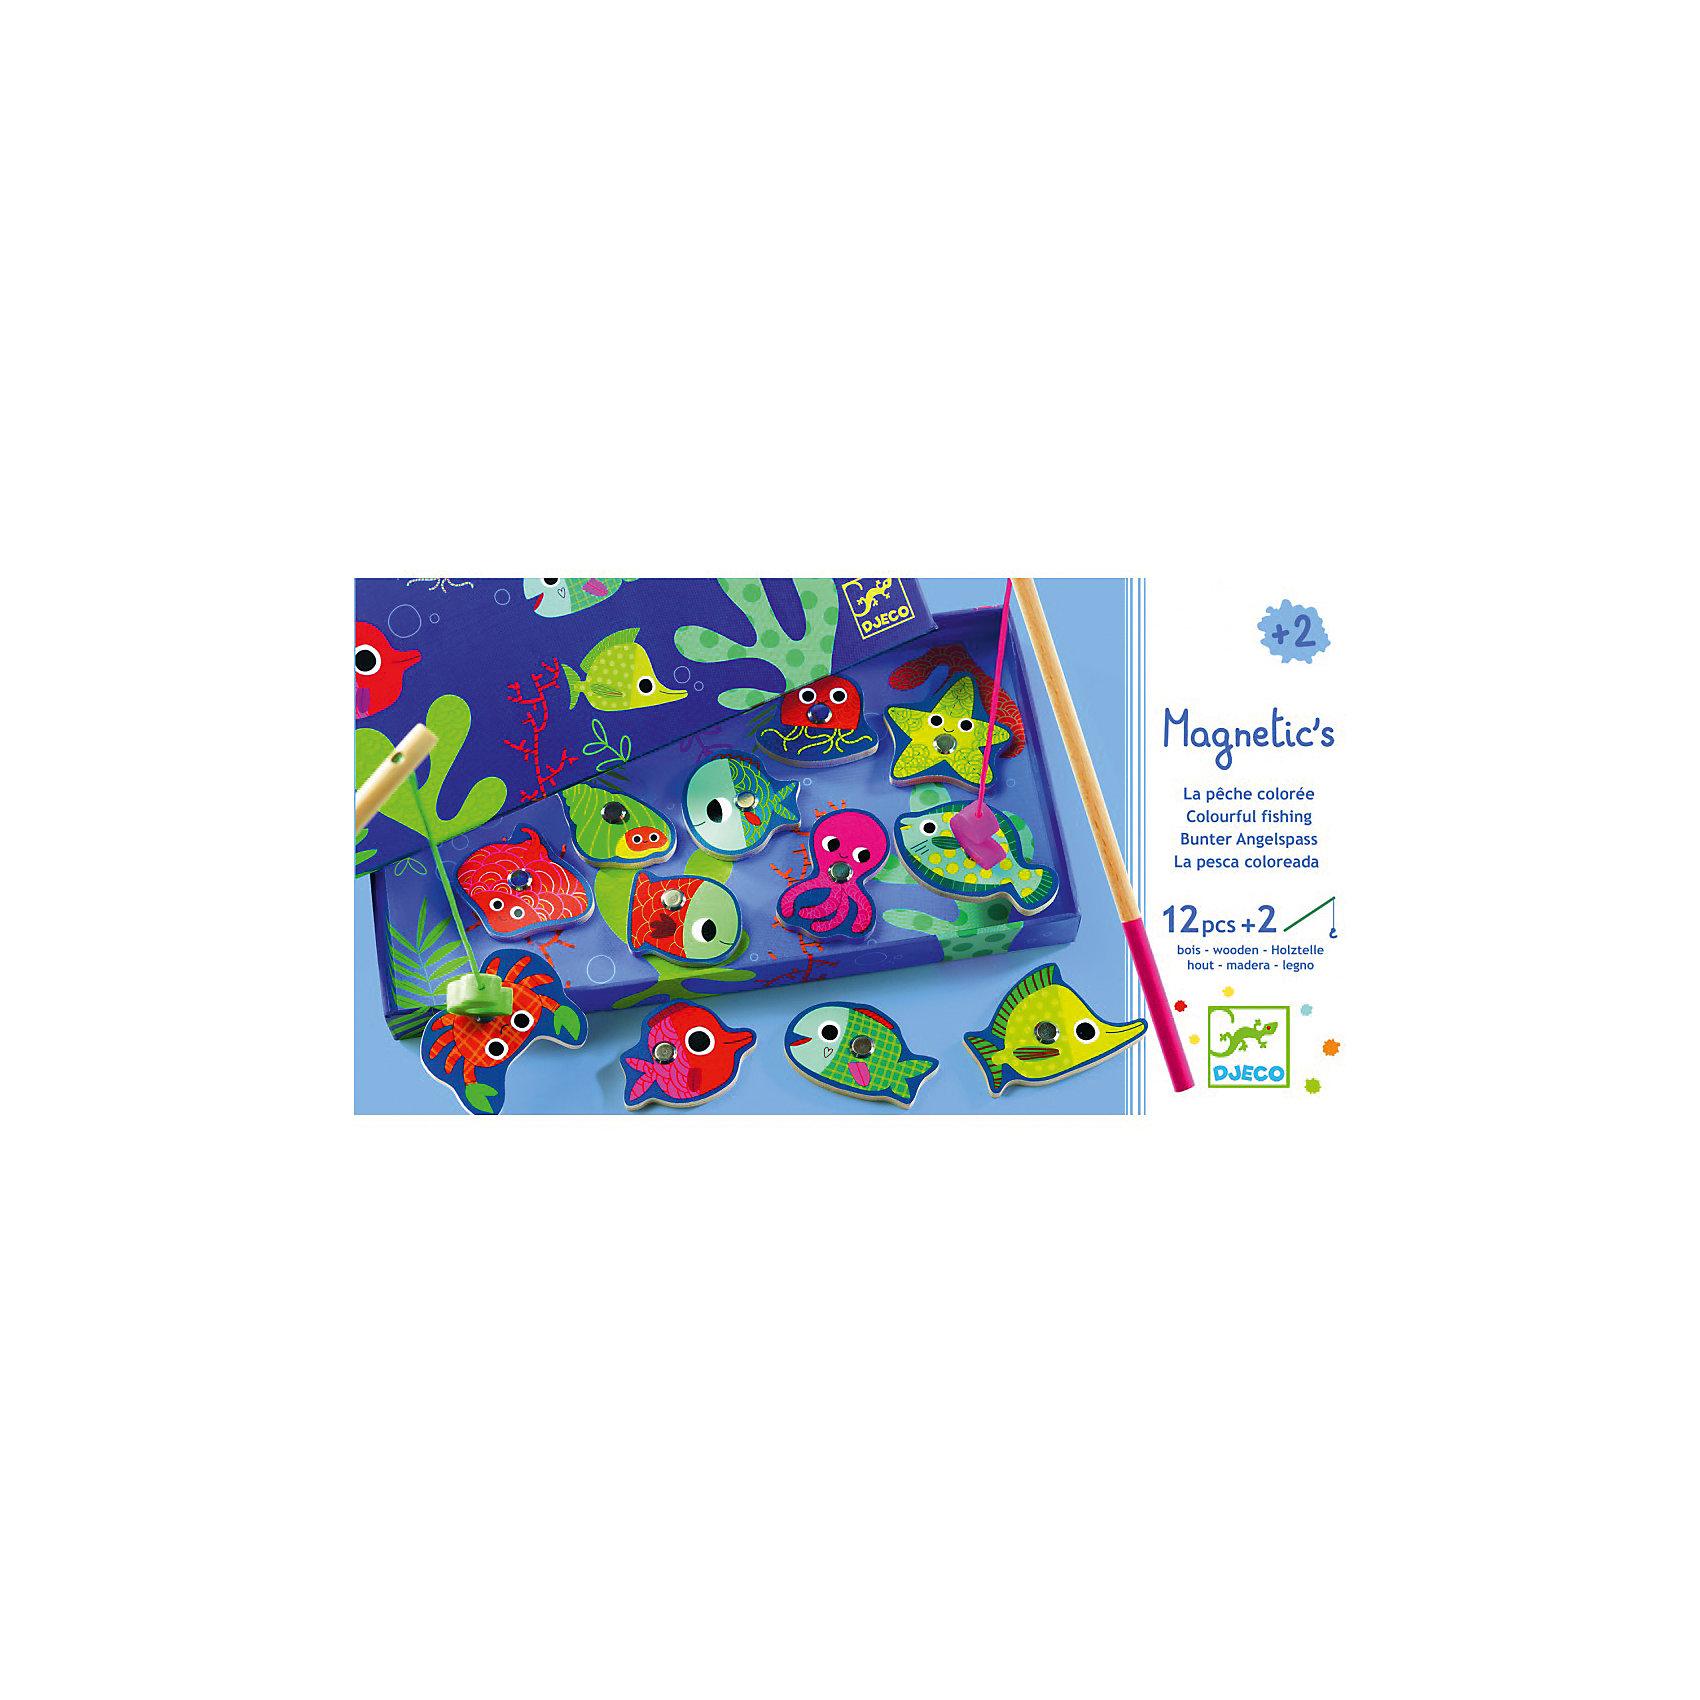 Магнитная игра рыбалка Цвета, DJECOНастольные игры на ловкость<br>Магнитная игра рыбалка Цвета, DJECO (ДЖЕКО).<br><br>Характеристики:<br><br>- Игра предназначена для детей от 2-х лет<br>- В комплект игры входят: морские обитатели с магнитом - 12 штук, удочки - 2 штуки<br>- Материал: древесина, картон<br>- Игра продается в красочной стильной коробке и идеально подходит в качестве подарка<br>- Размер упаковки: 28х15х2,5 см.<br><br>Магнитная игра рыбалка Цвета от Djeco - игра для юных рыболовов, желающих поймать на удочку красочных разноцветных рыбок. Рыбалка Djeco - это интереснейшая развивающая игра, в которой малышу придется ловить красочных рыбок игрушечной удочкой с большим магнитным безопасным крючком. При этом малыш также сможет научиться различать и называть различные цвета. Магнитная игра рыбалка Цвета Djeco поможет не только развить ловкость и моторику малыша, но и даст полезный навык, который, возможно, будет основой будущего хобби. Все детали игры очень высококачественны и безопасны для ребенка, что подтверждается сертификатами.<br><br>Магнитную игру рыбалку Цвета, DJECO (ДЖЕКО) можно купить в нашем интернет-магазине.<br><br>Ширина мм: 280<br>Глубина мм: 150<br>Высота мм: 250<br>Вес г: 350<br>Возраст от месяцев: 24<br>Возраст до месяцев: 2147483647<br>Пол: Унисекс<br>Возраст: Детский<br>SKU: 5299154